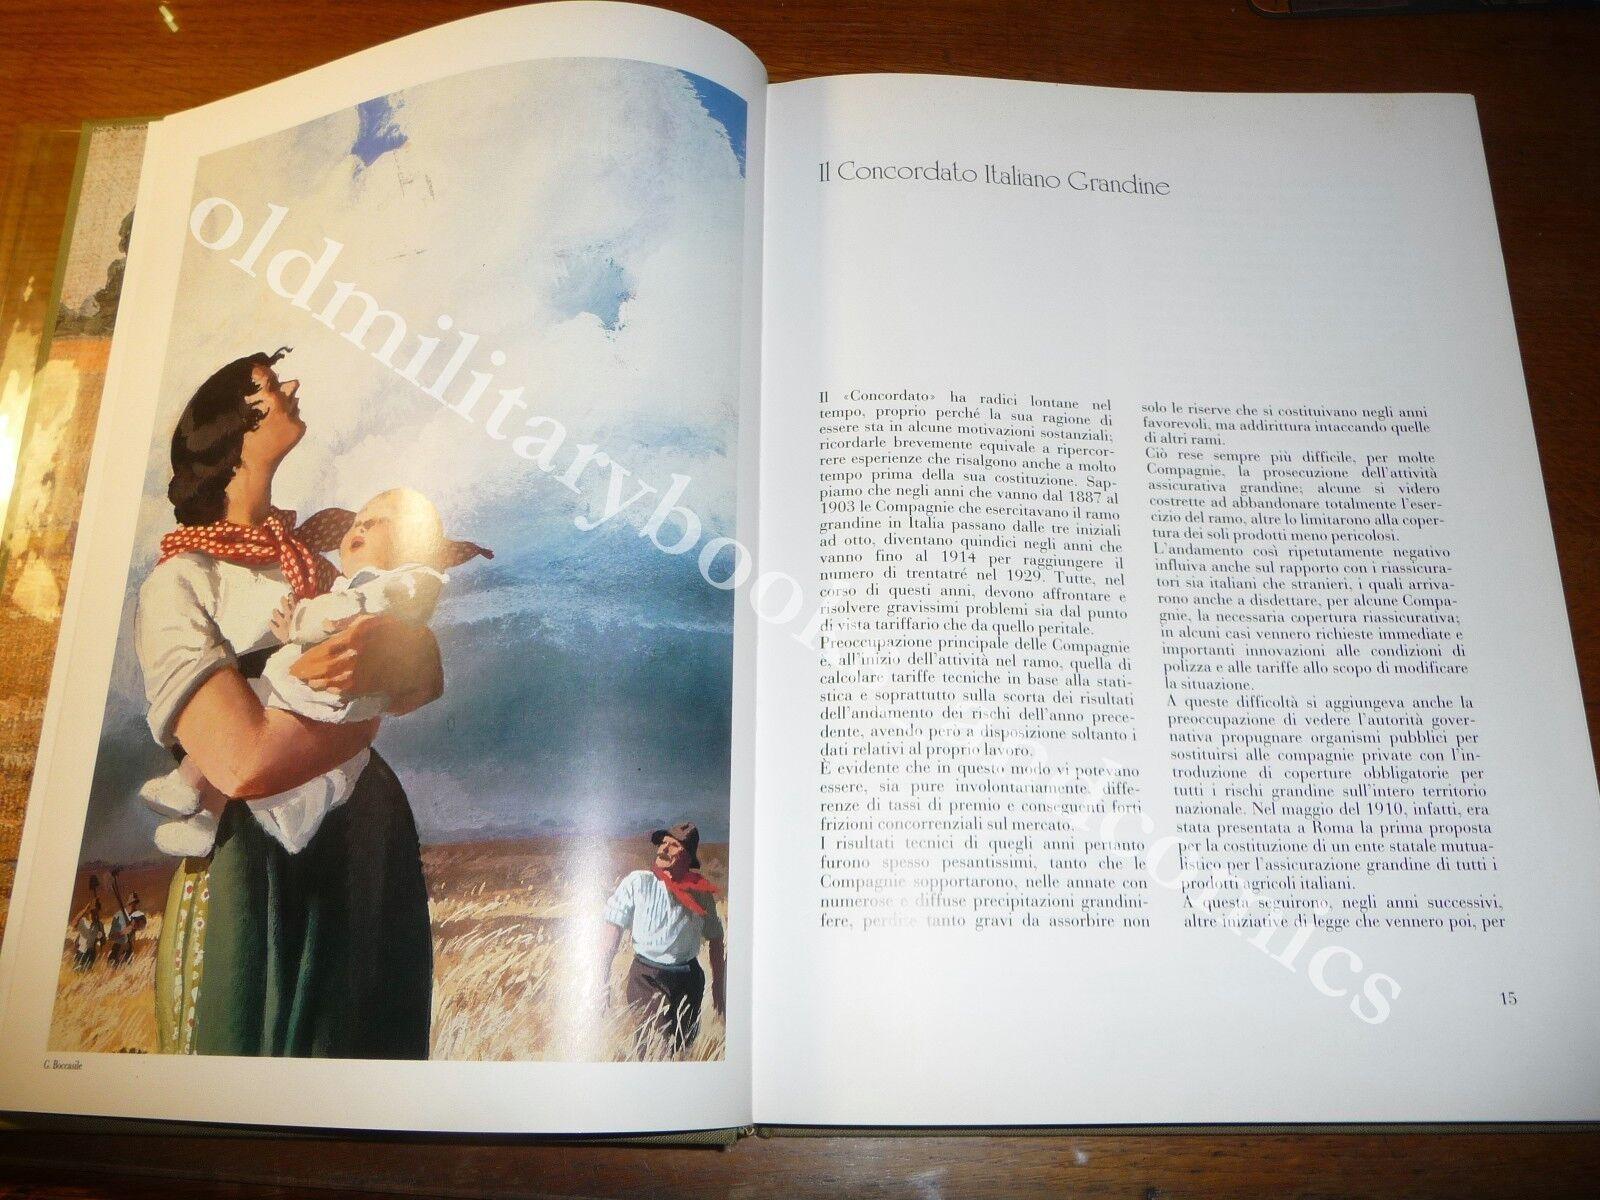 I CINQUANT'ANNI DEL CONCORDATO ITALIANO GRANDINE LE ASSICURAZIONI PER CONTADINI